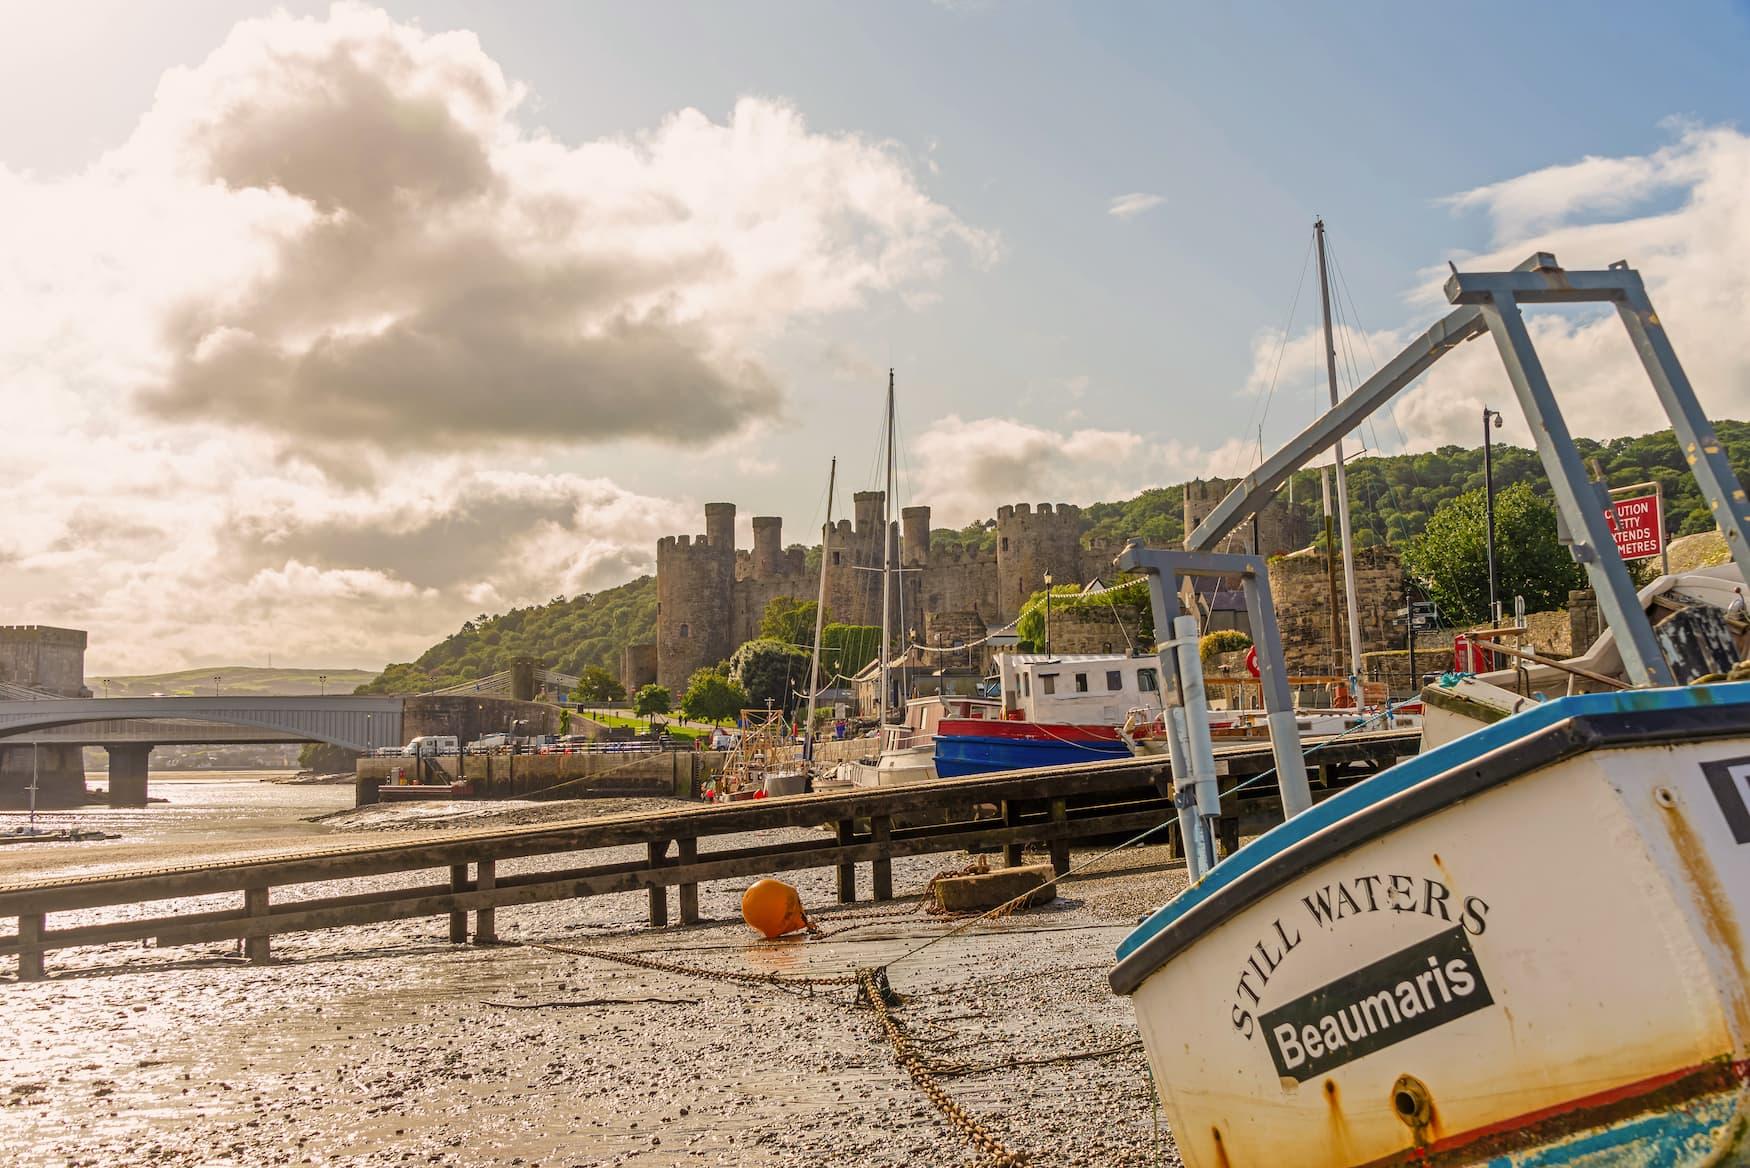 Hafen in Cowy, Wales mit einem der Schlösser im Hintergrund